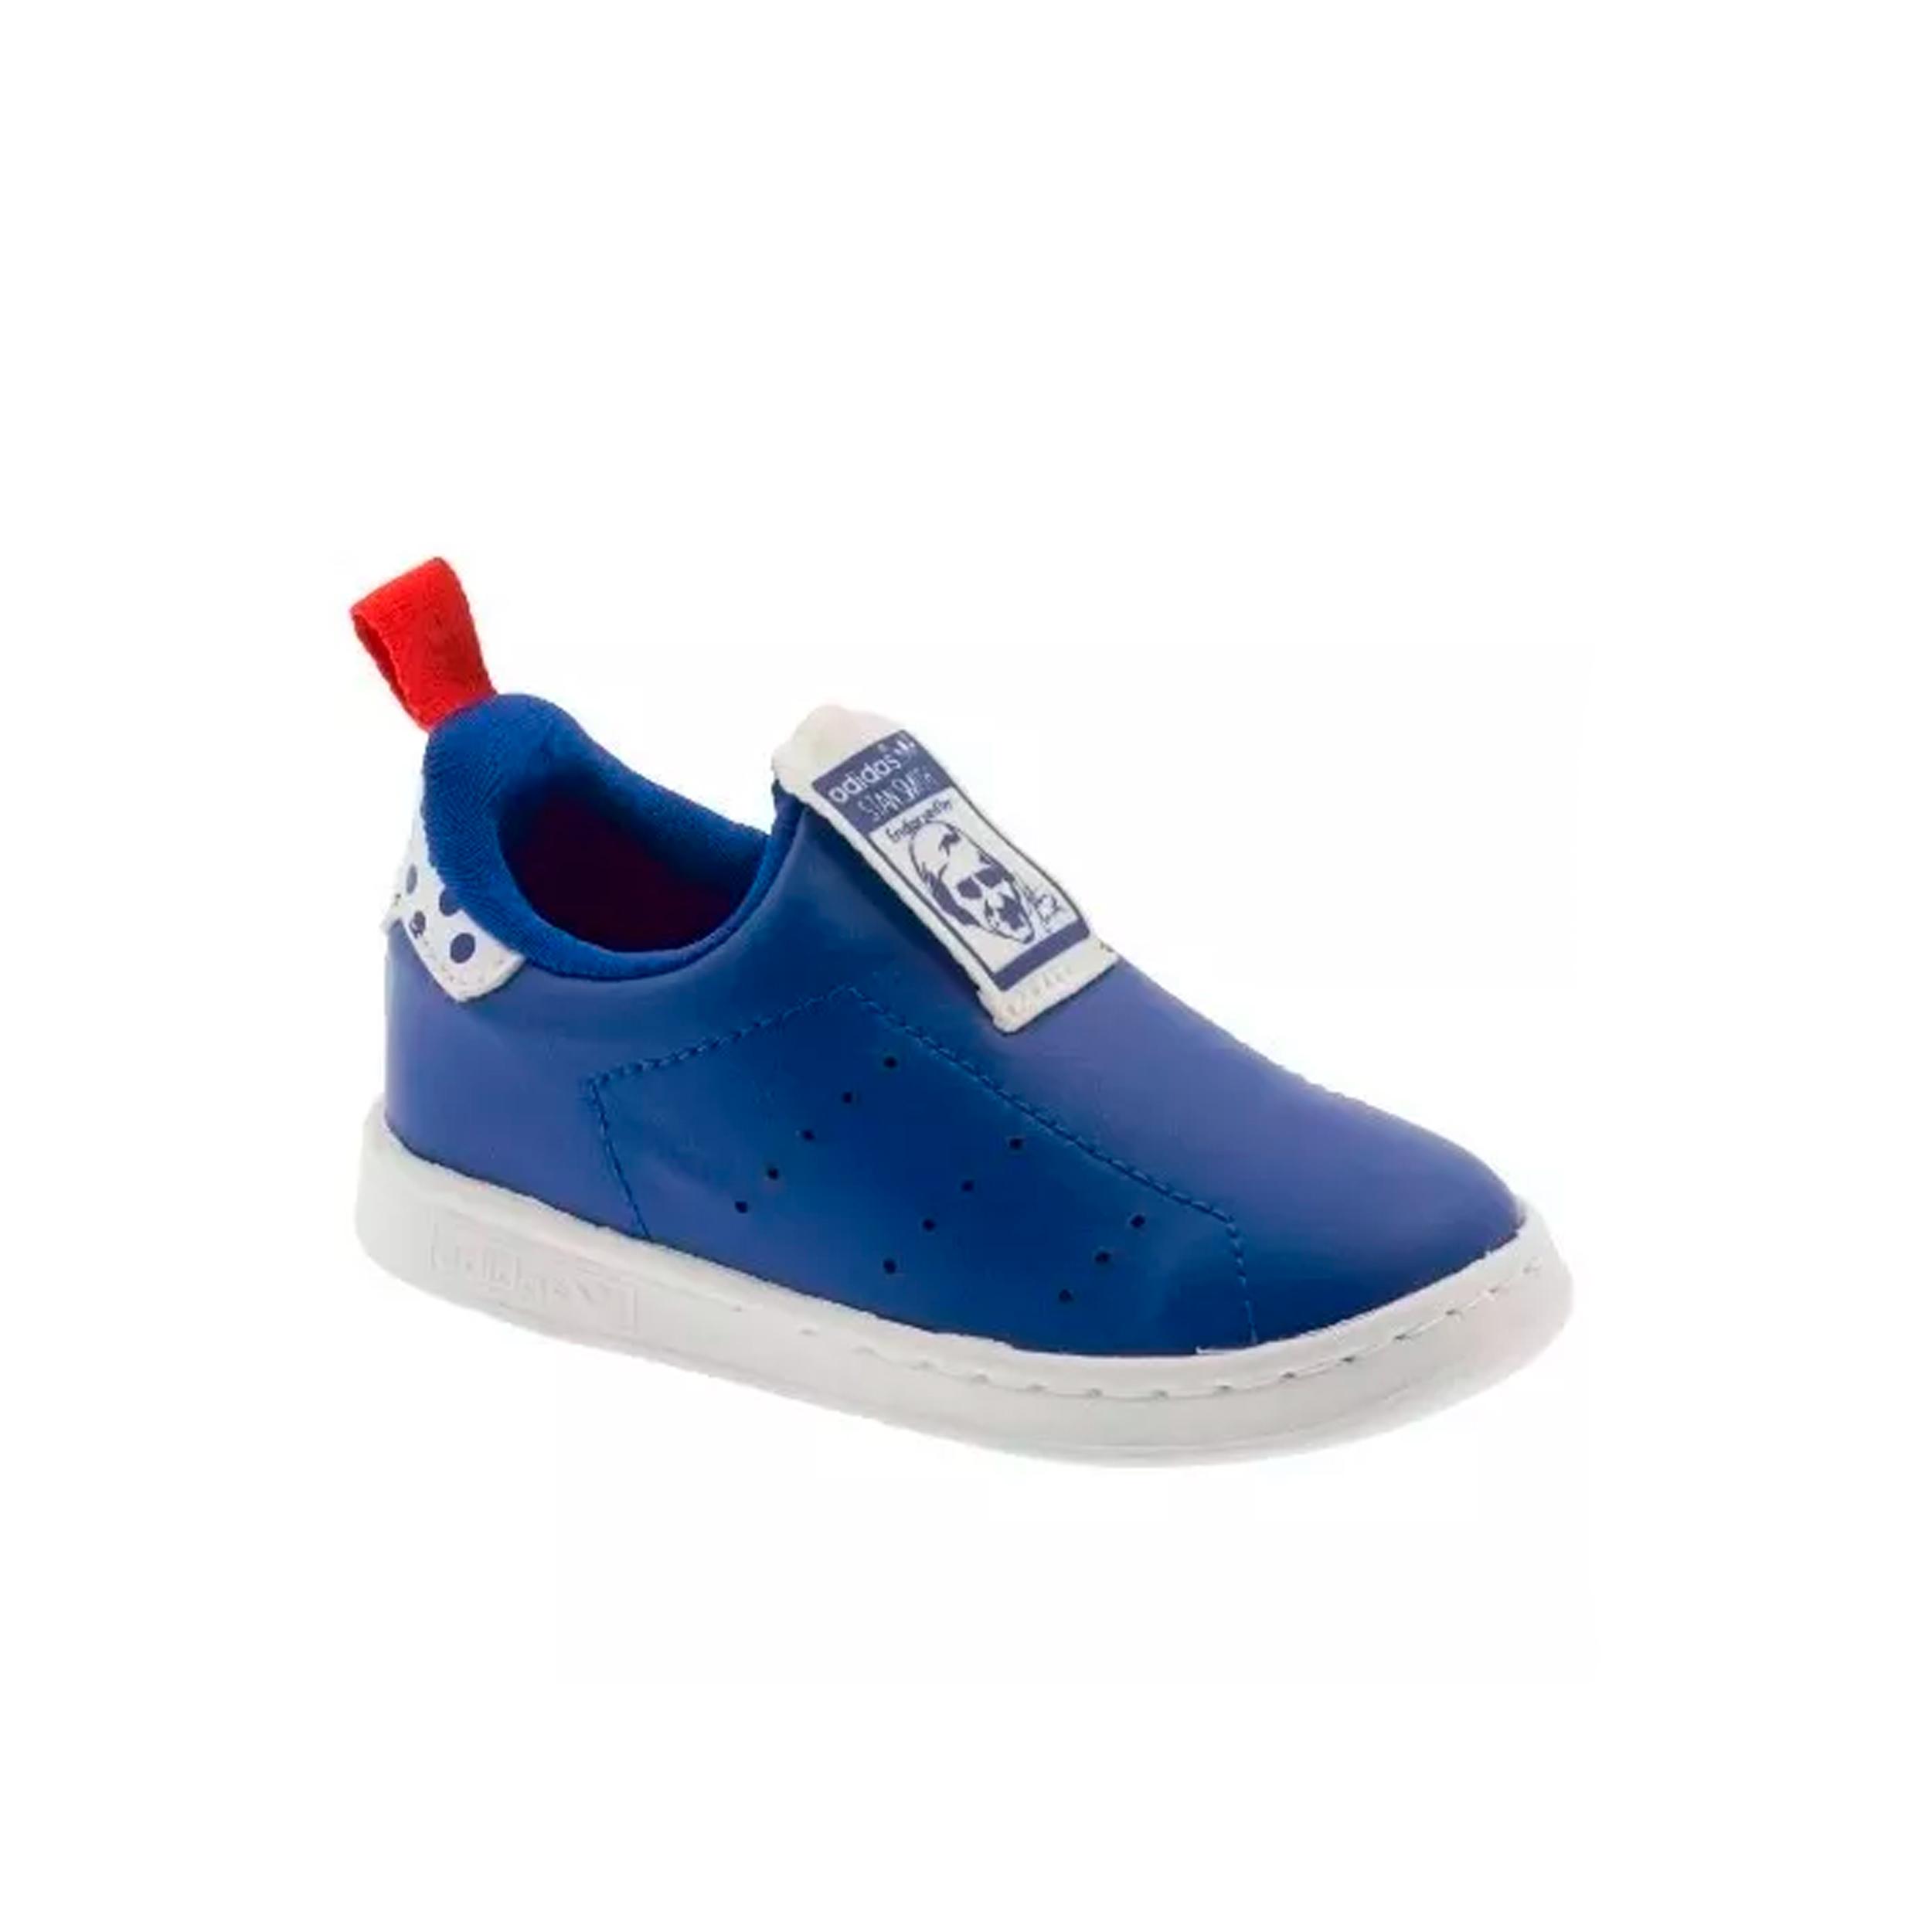 کفش ورزشی نوزادی آدیداس سری Stan Smith 360 مدل CQ2716 - آبی - 2